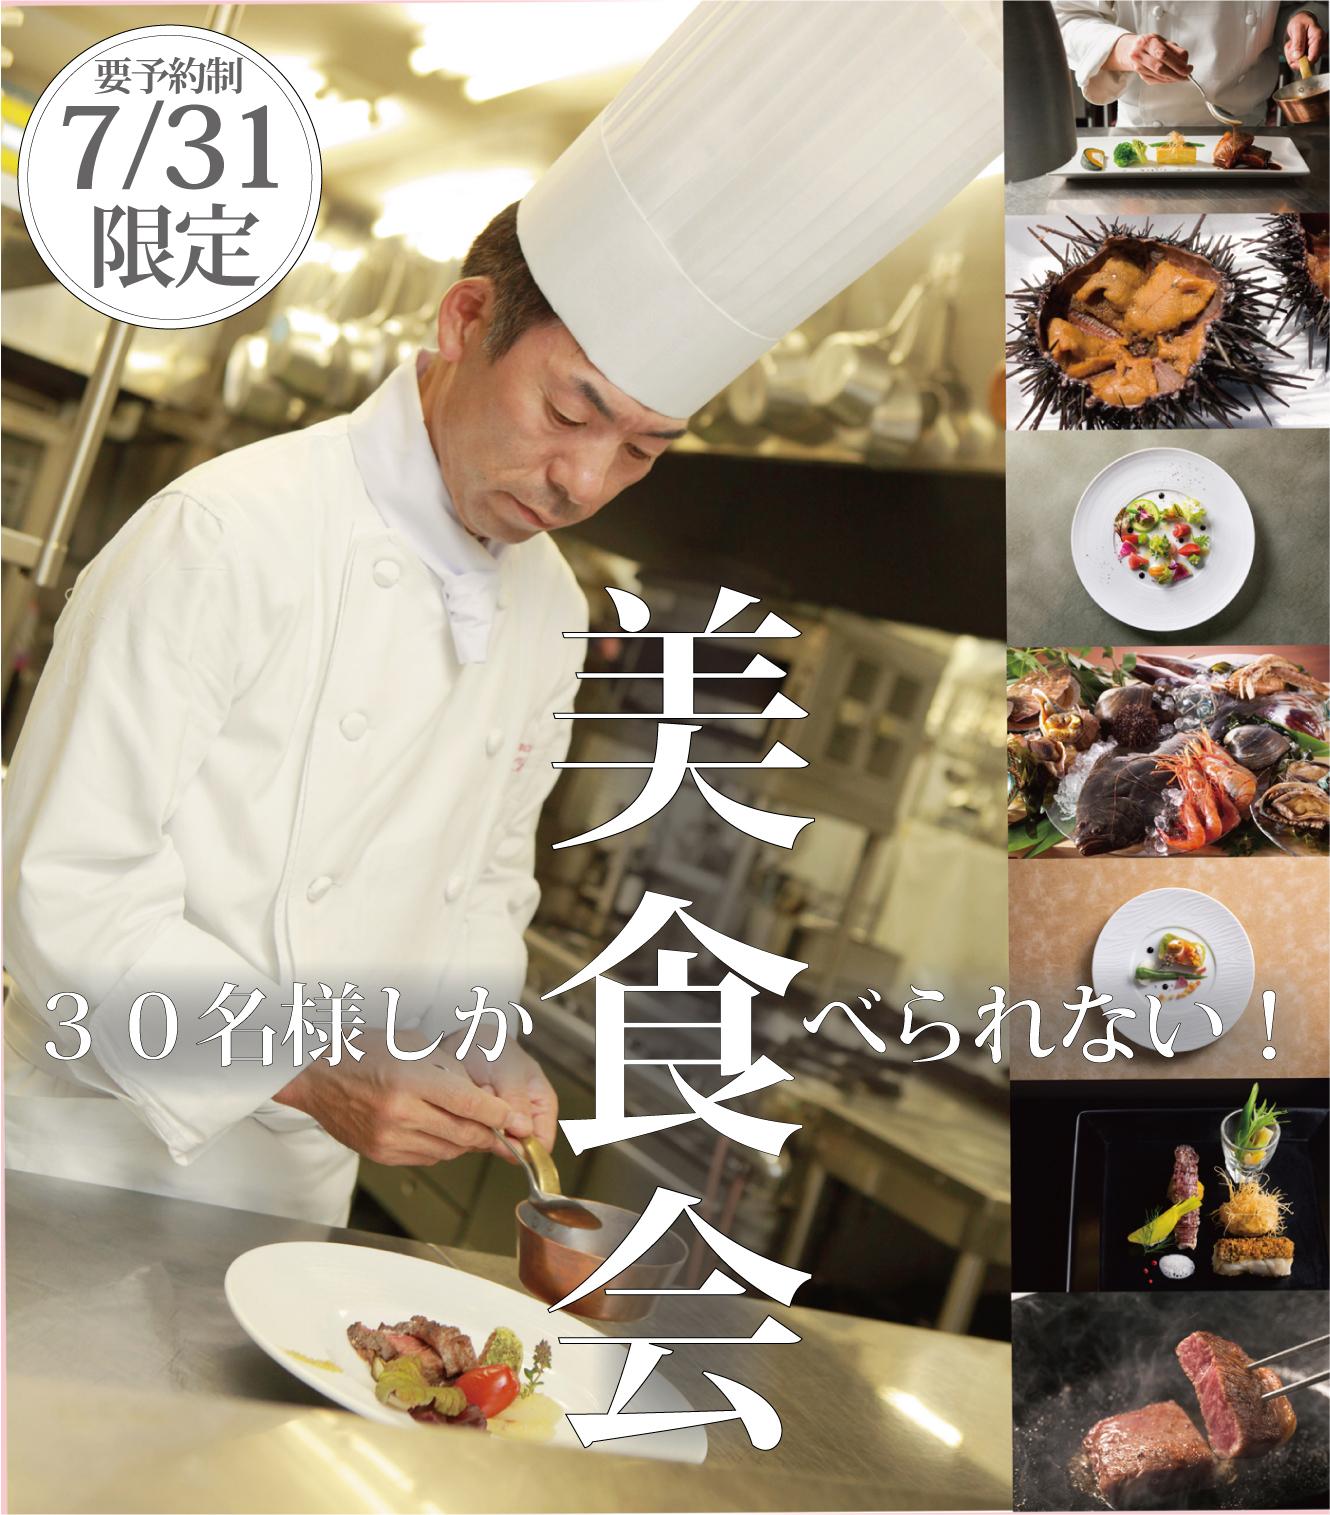 ランチ フレンチ ワイン 北海道 小樽 海鮮 ウニ 和牛 フレンチ